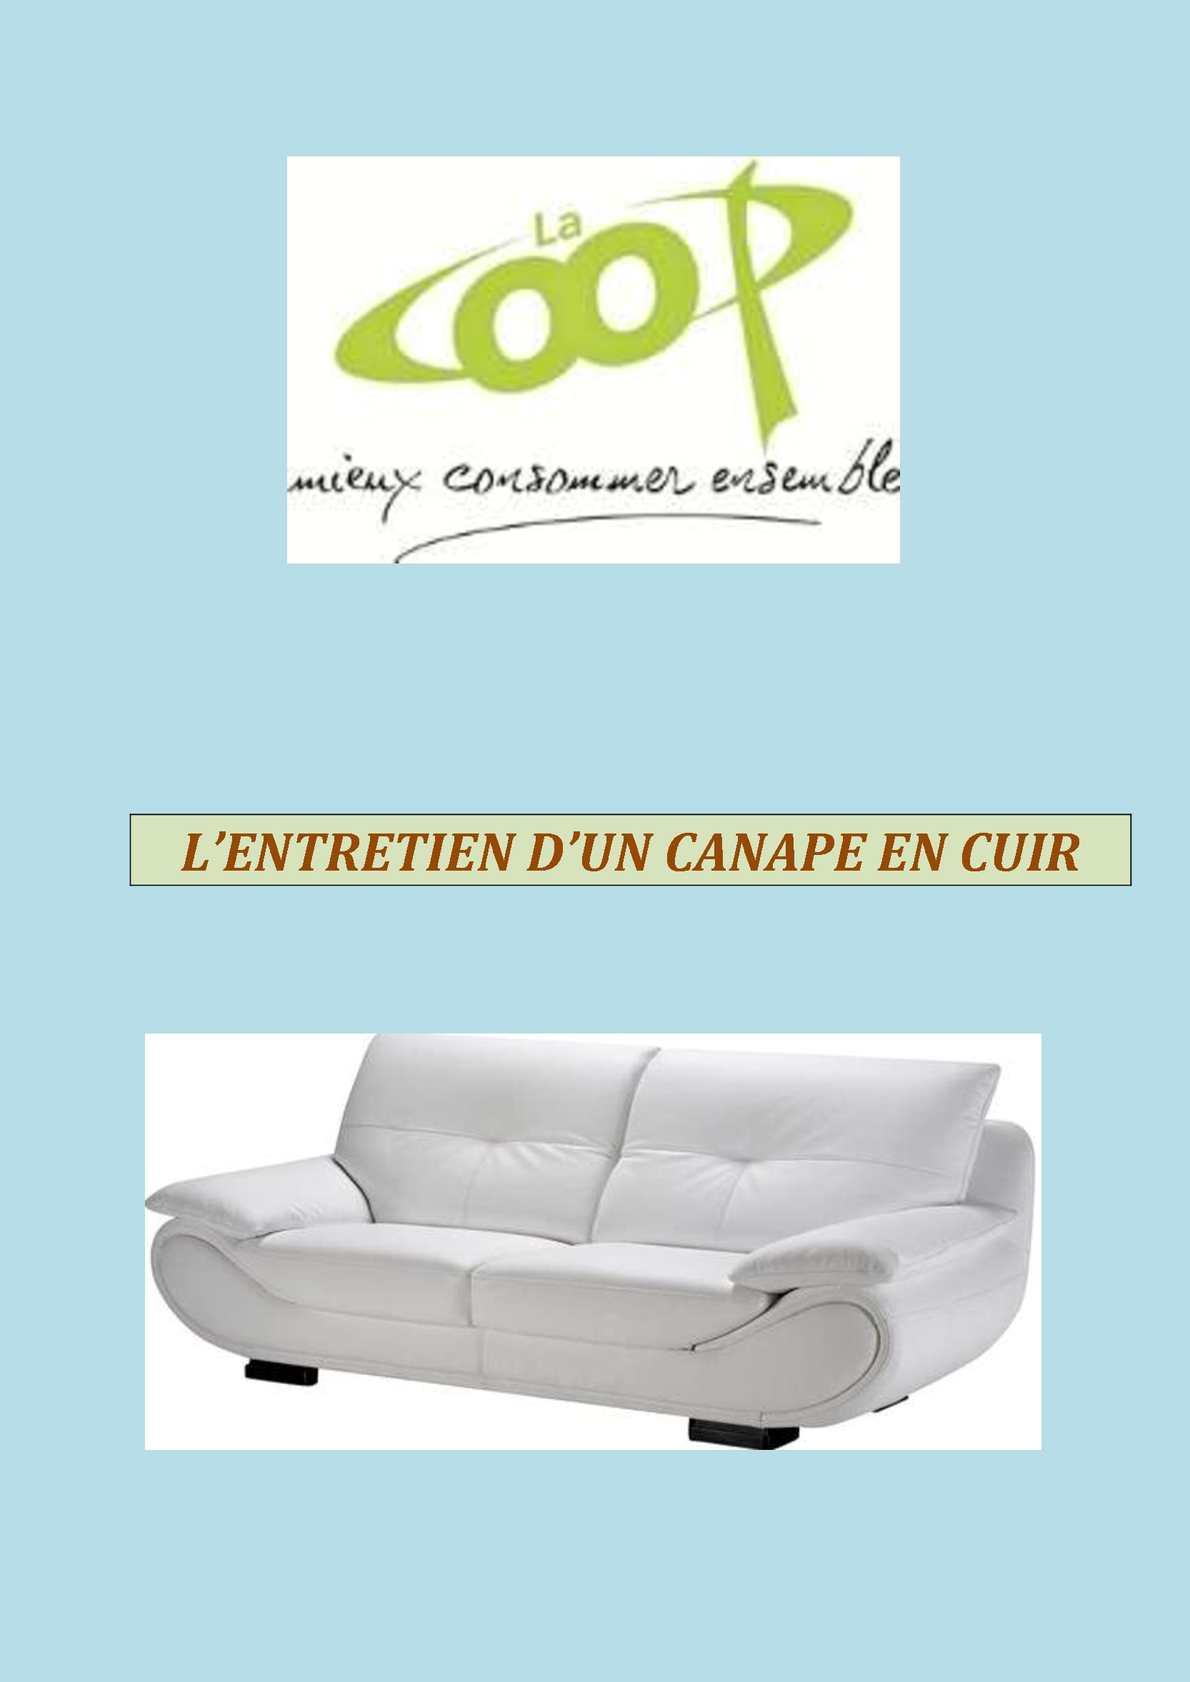 Entretenir Canape En Cuir calaméo - entretien canape cuir